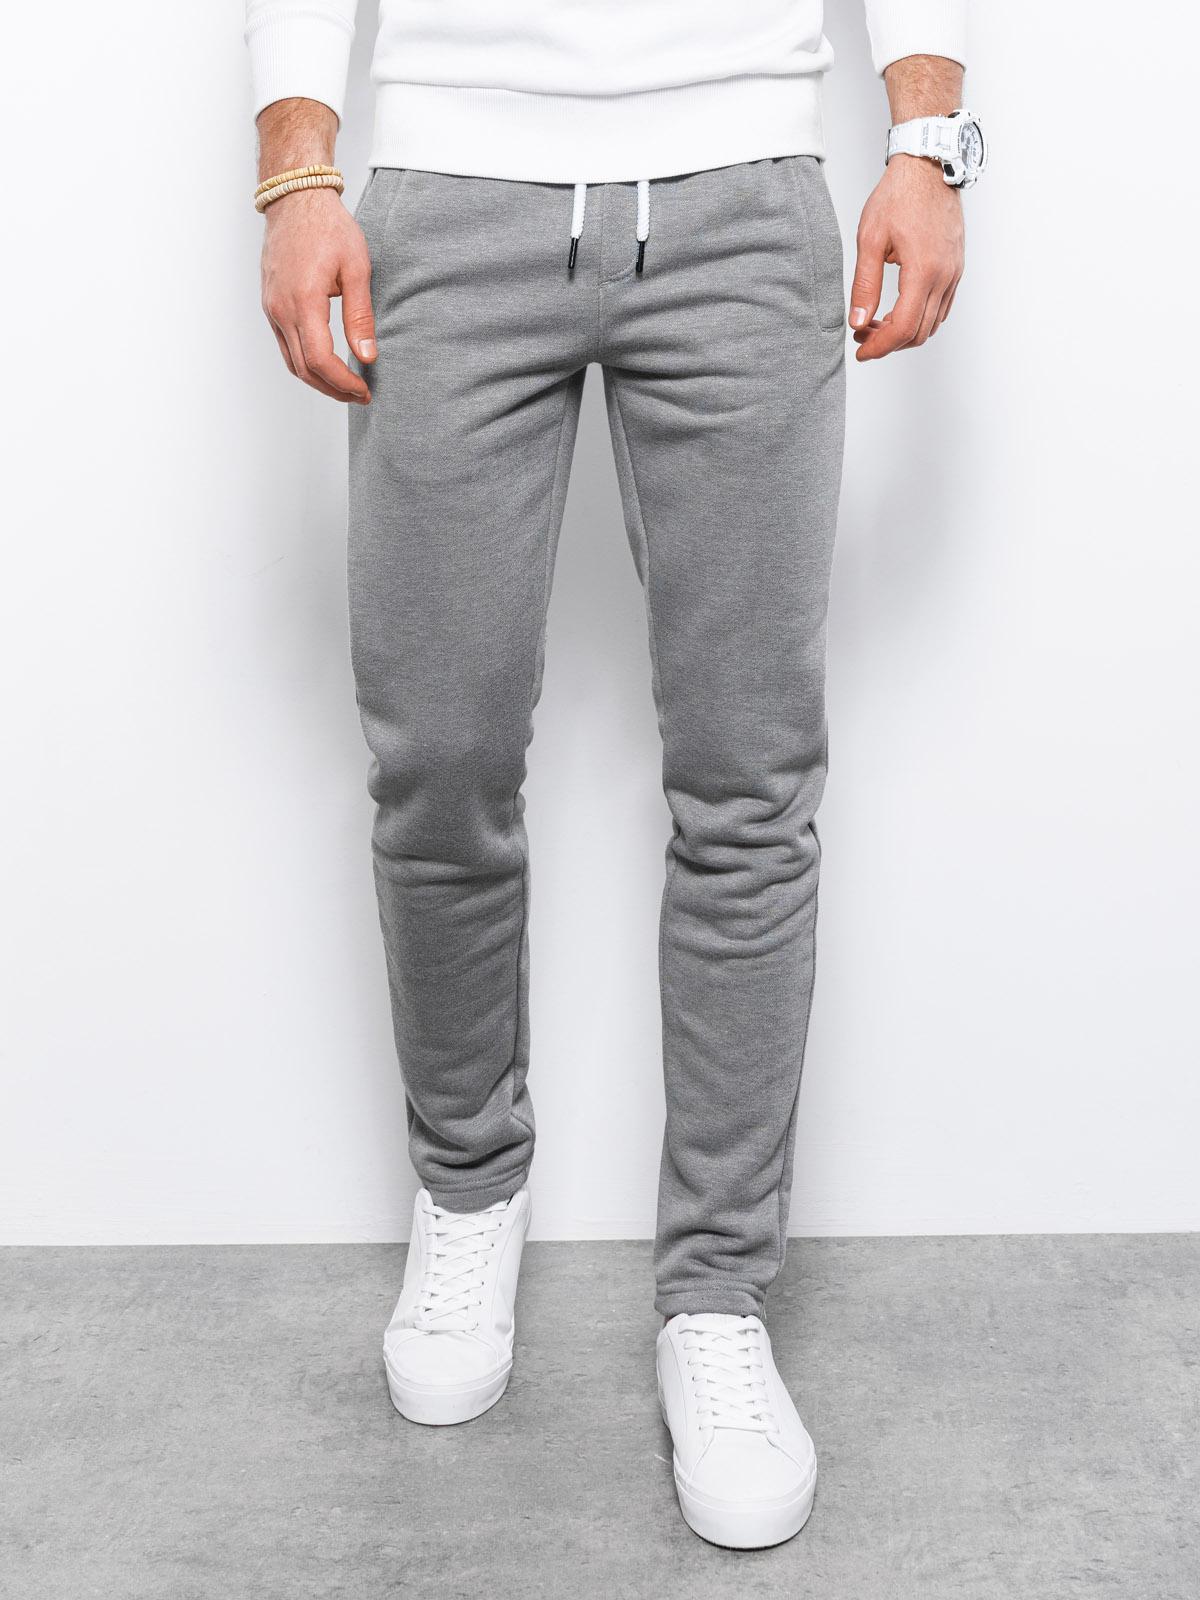 Spodnie męskie dresowe P866 - szare/melanżowe